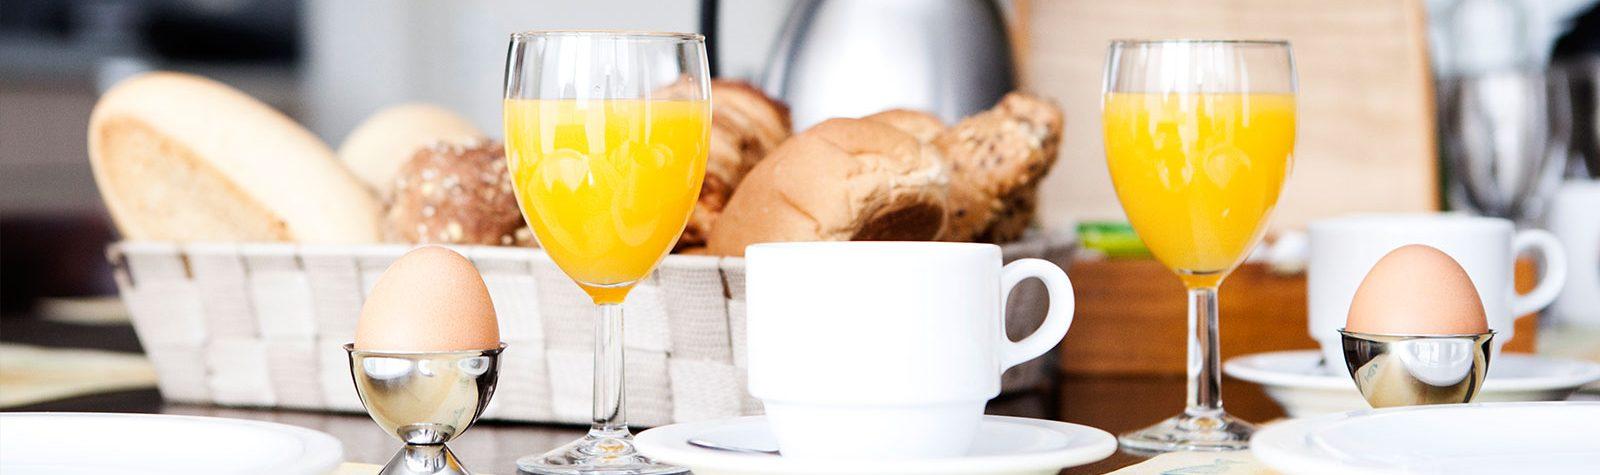 Ontbijt de Schanse Hoeve